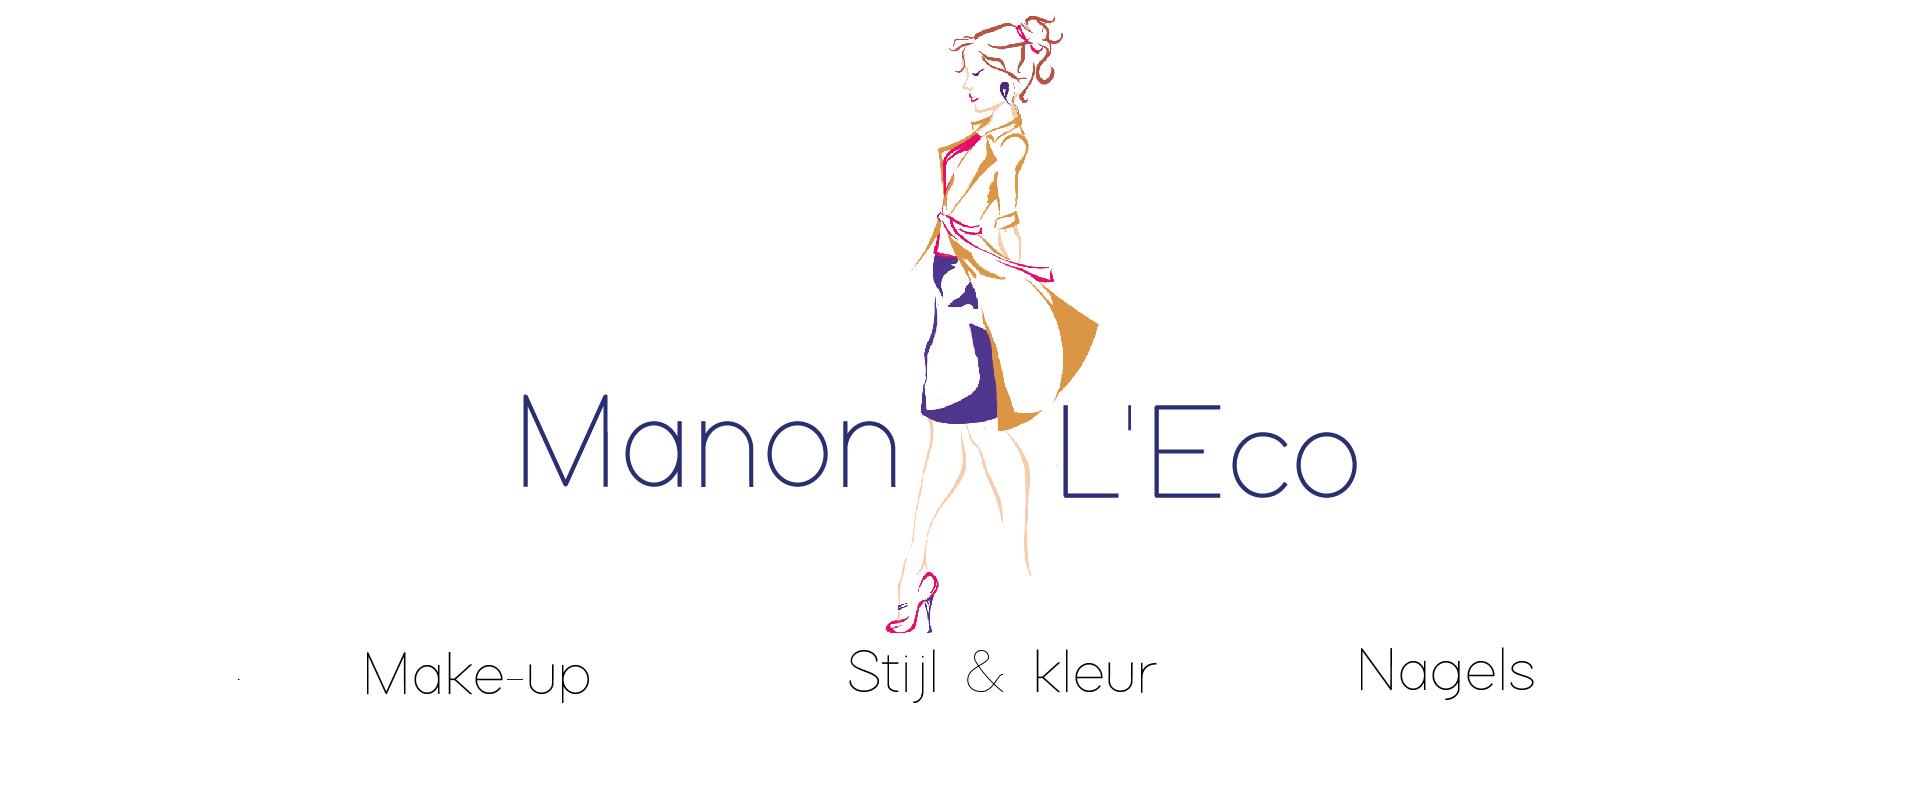 Manon L'Eco